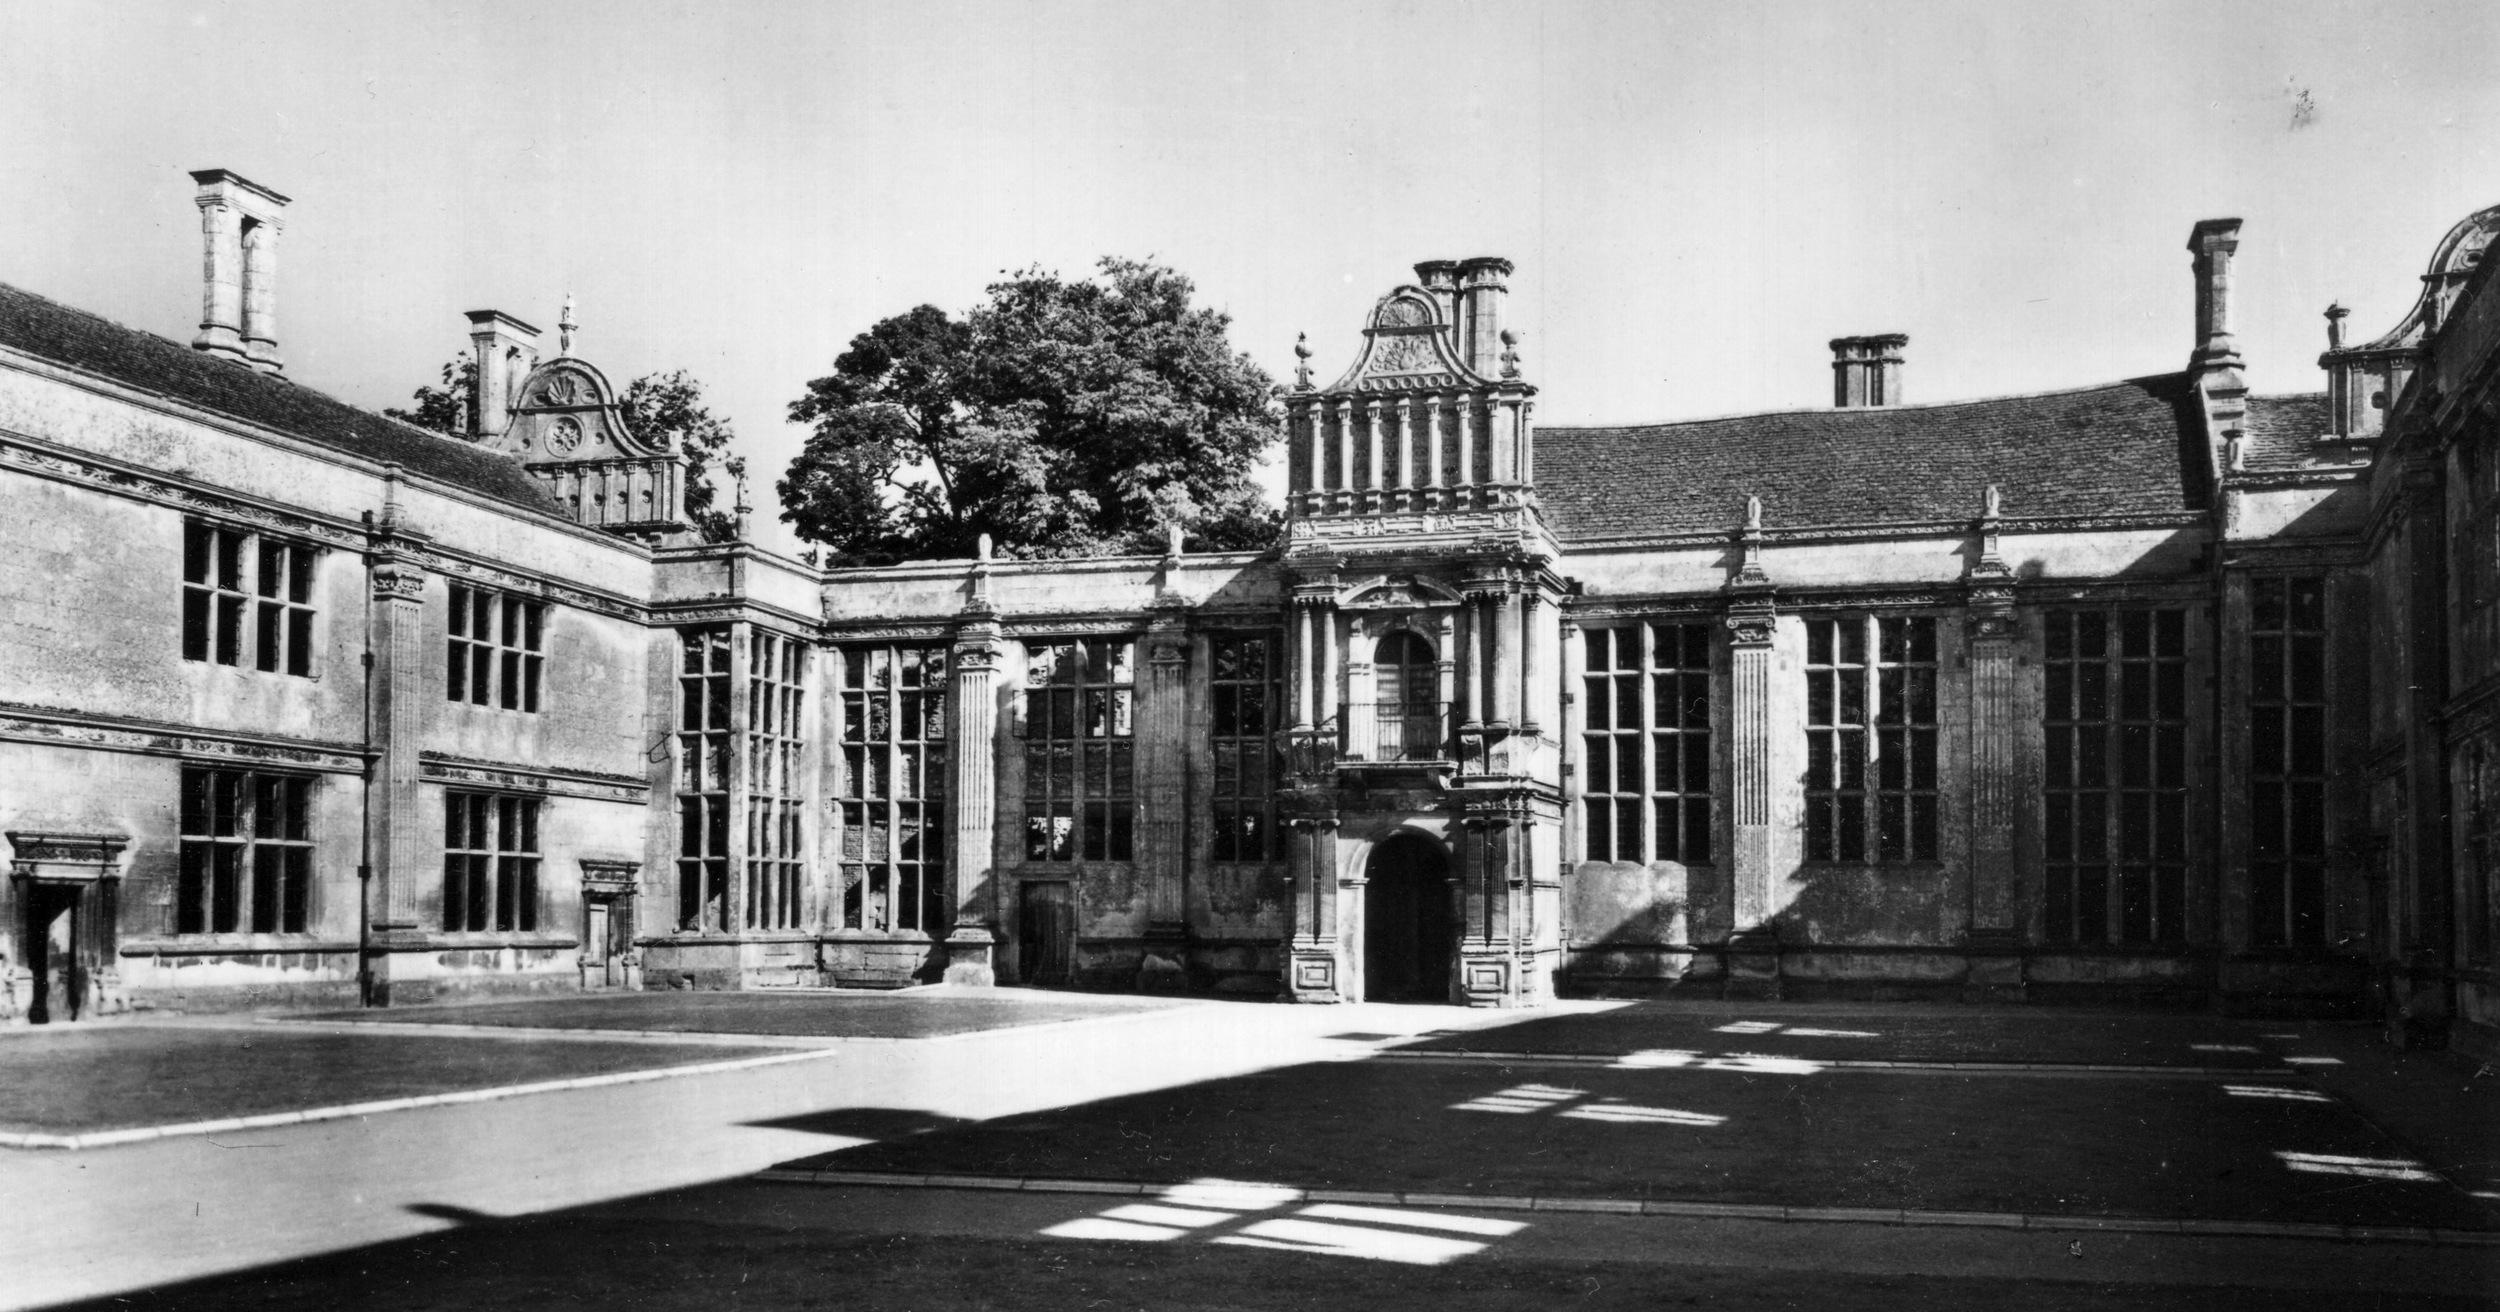 Kirby Hall, England